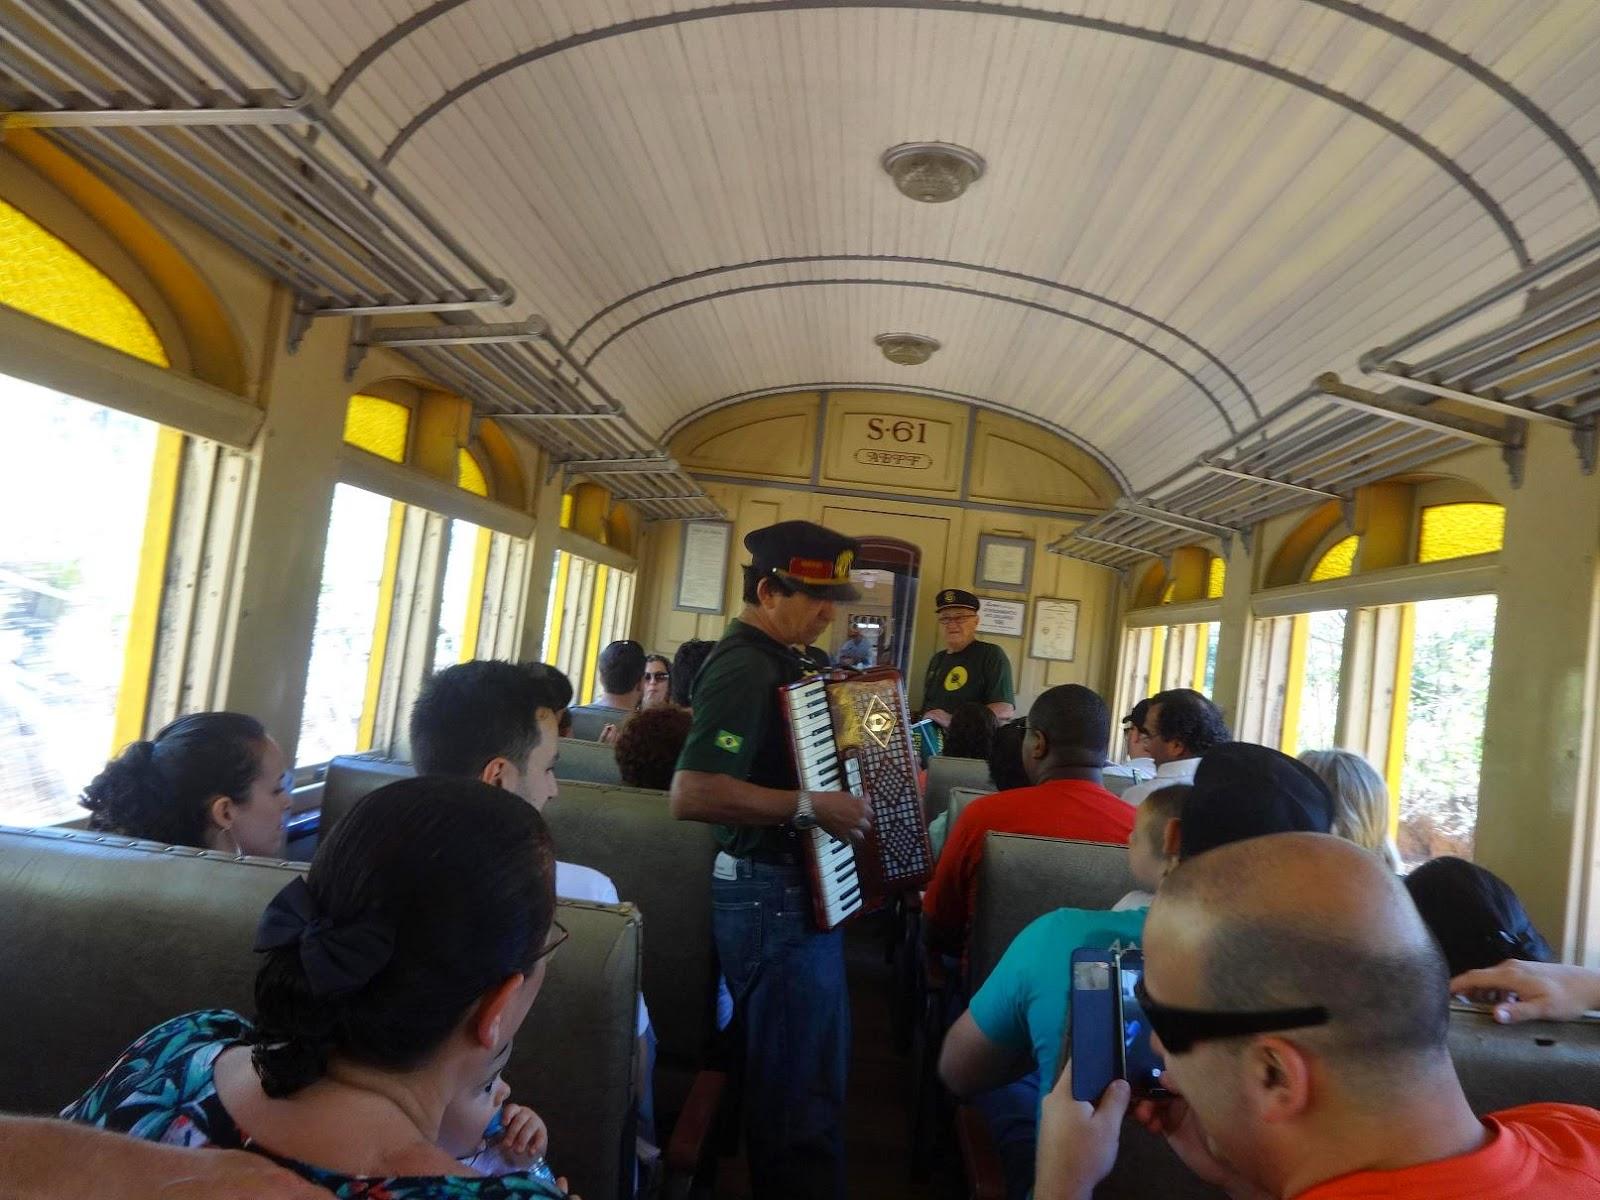 Mãe Sem Frescura - Passeio de Trem Maria Fumaça em São Paulo – Que tal um passeio super divertido e cheio de história?!